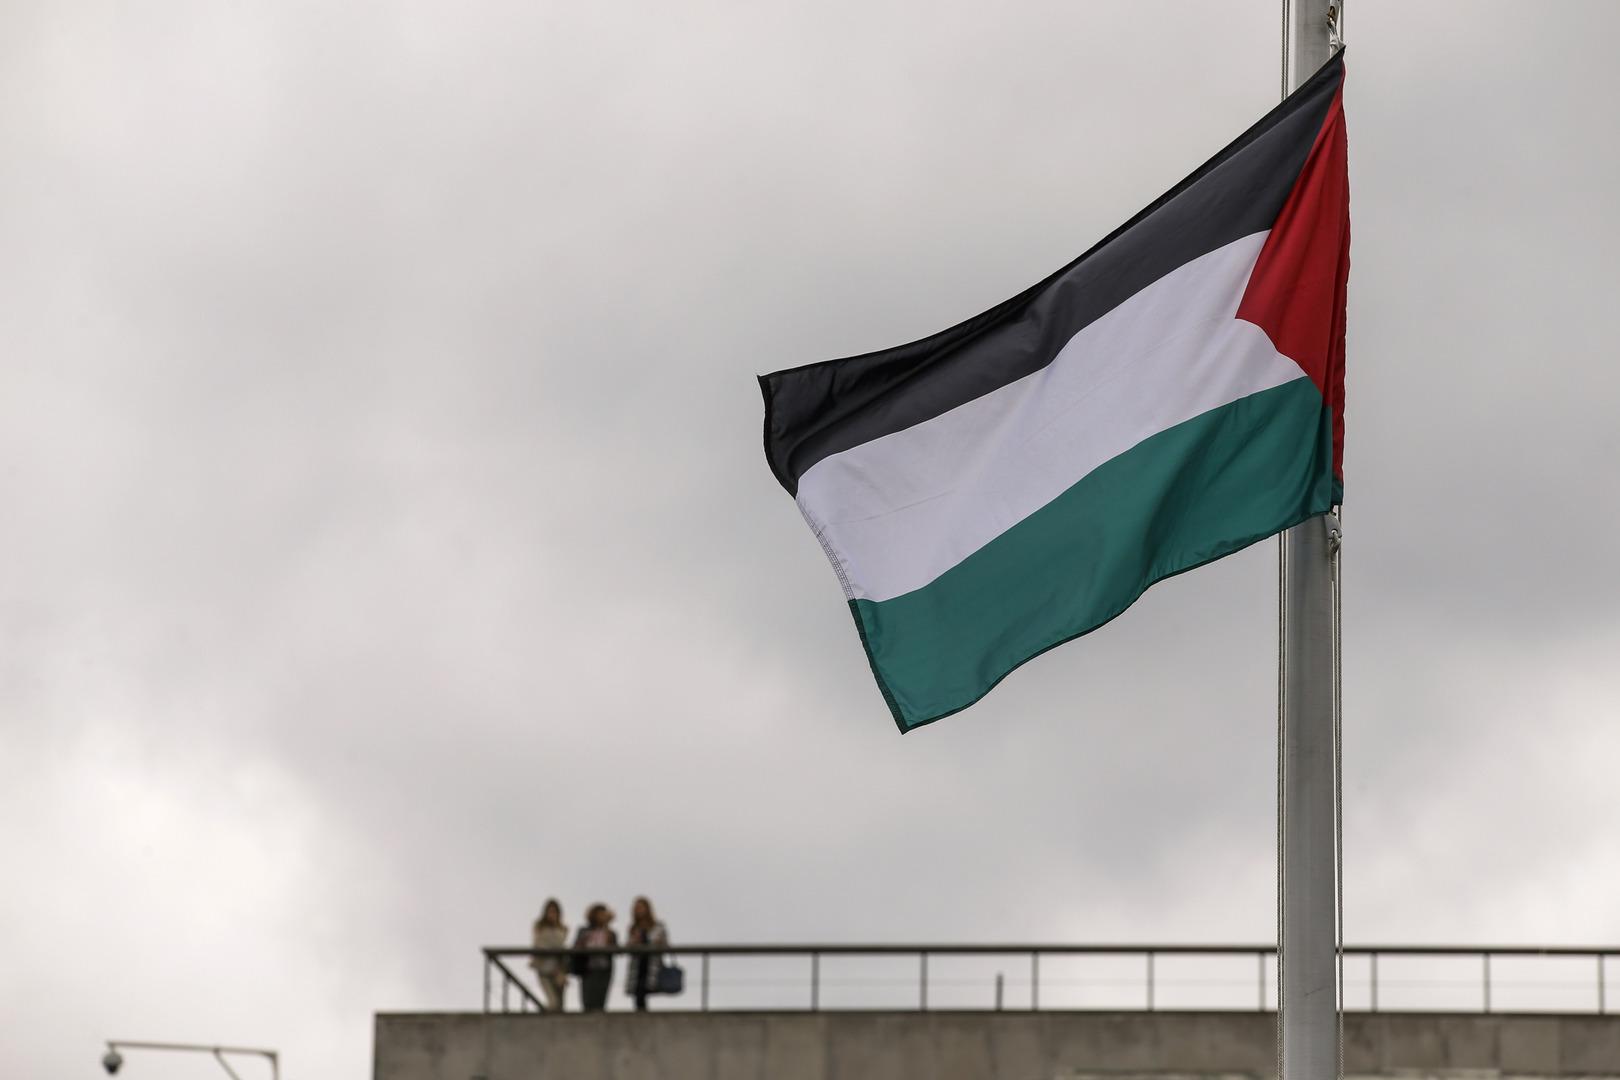 منظمة التحرير الفلسطينية تؤكد على الشفافية والمحاسبة في قضية وفاة الناشط نزار بنات